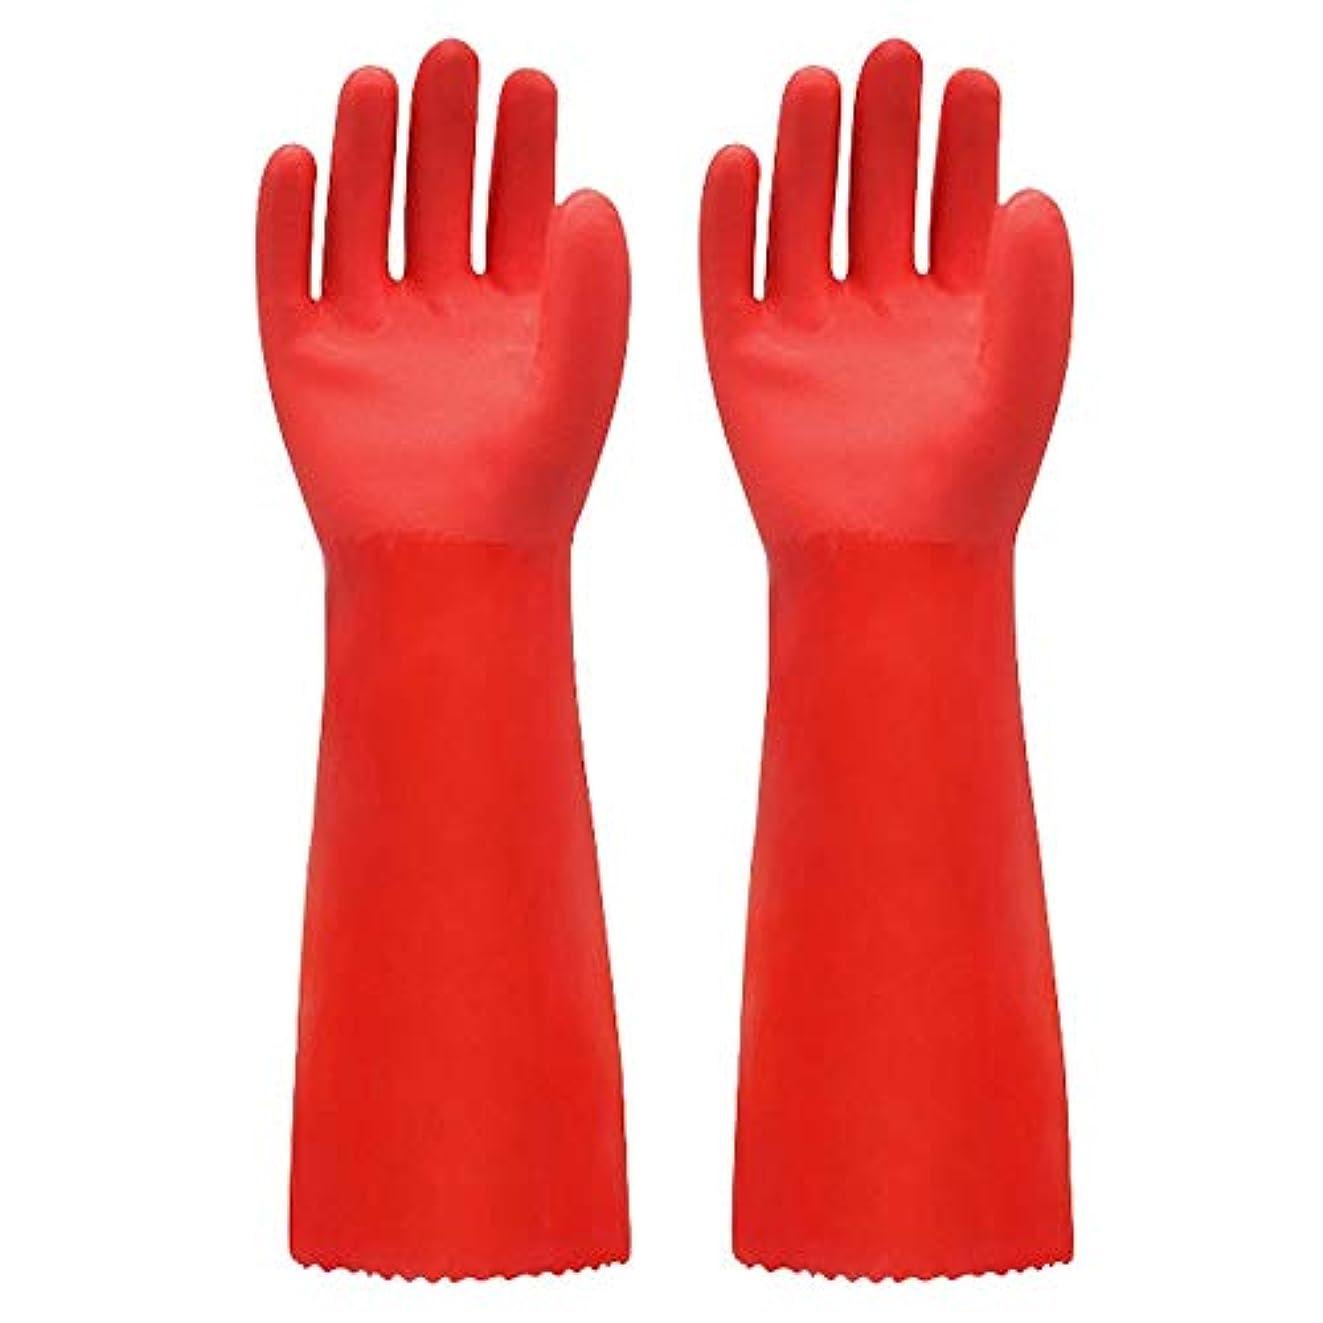 キャプテンのどアレキサンダーグラハムベルニトリルゴム手袋 ゴム手袋長く暖かいとビロードのゴム製防水と耐久性のある手袋、1ペア 使い捨て手袋 (Color : RED, Size : L)